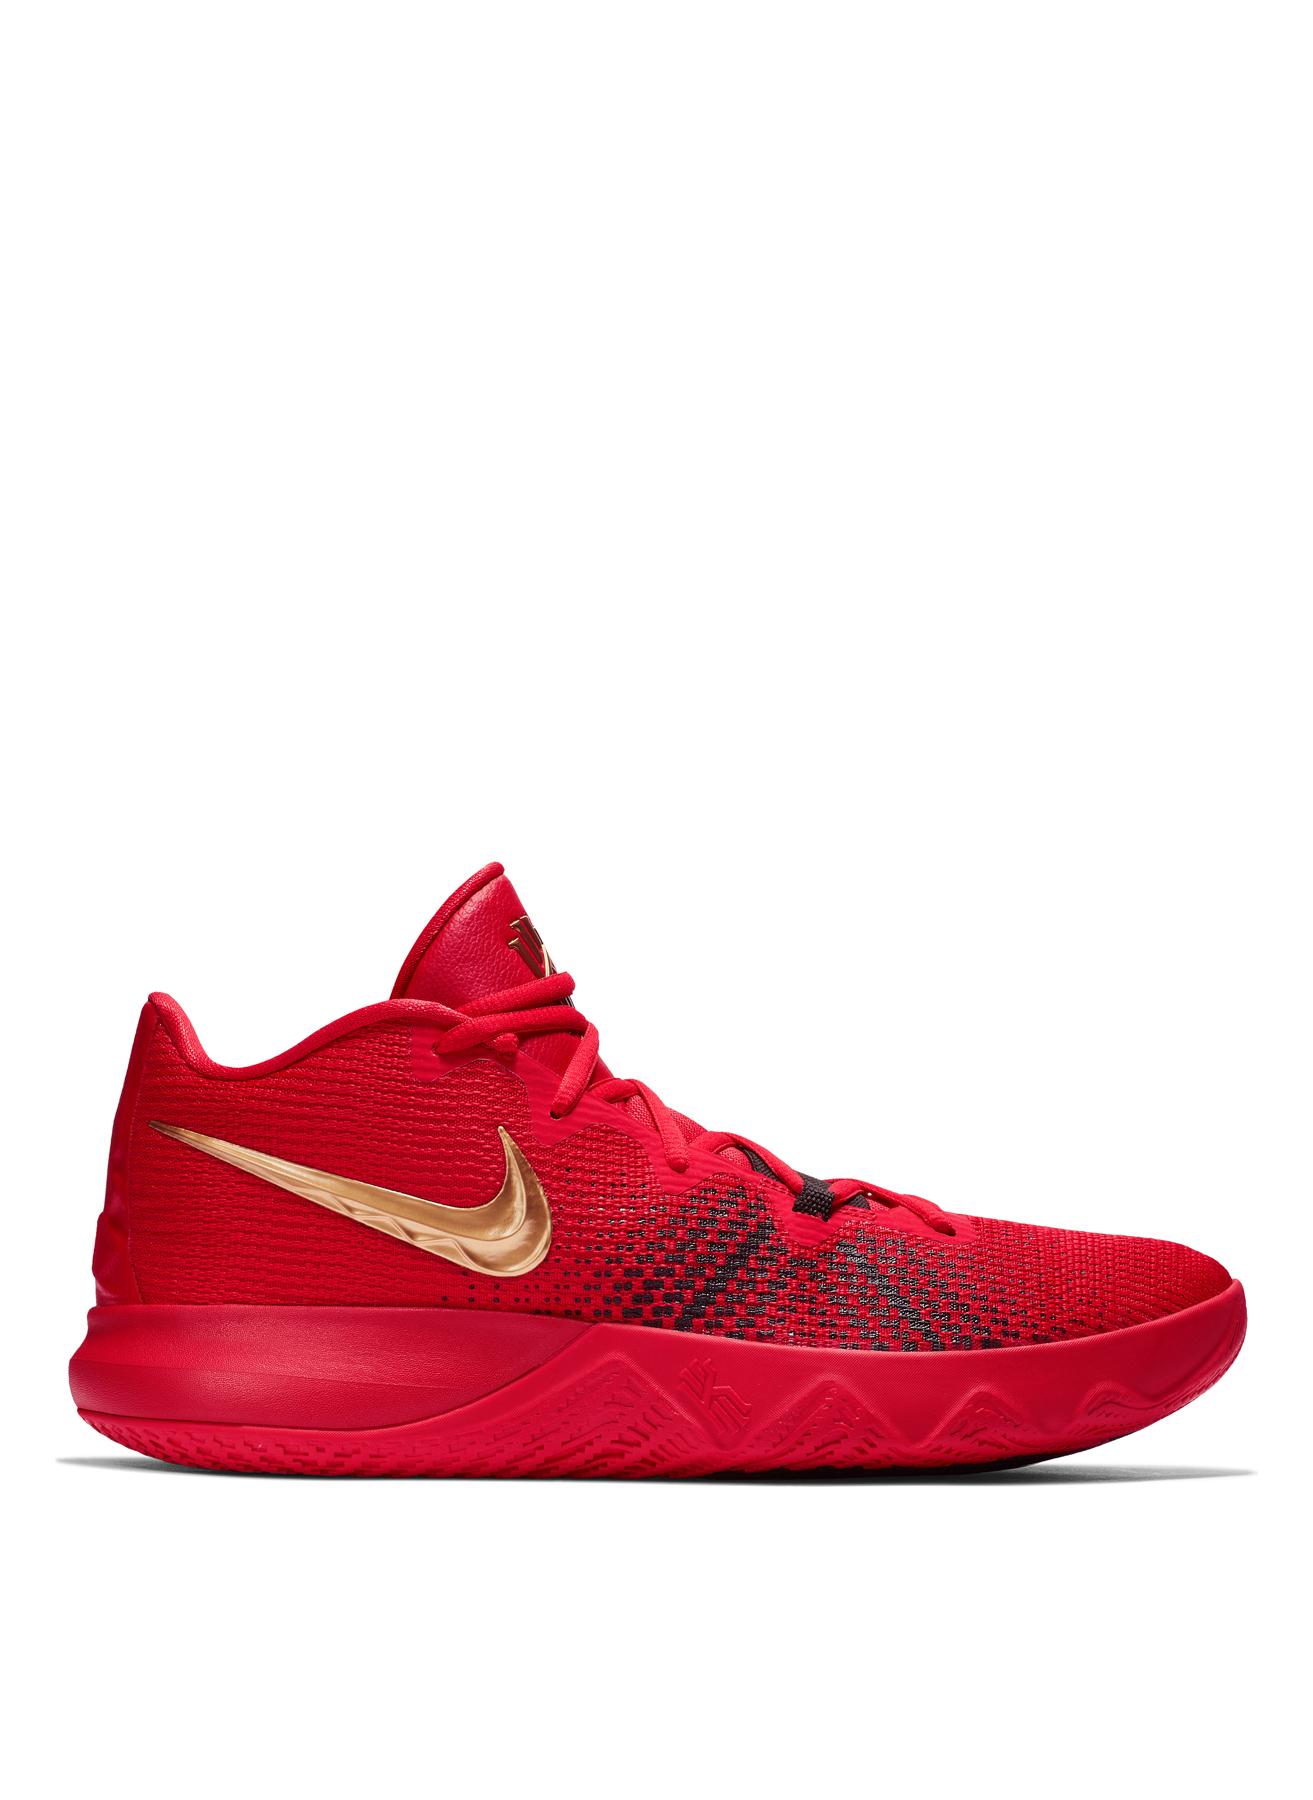 Nike Kyrie Flytrap Basketbol Ayakkabısı 46 5002328900013 Ürün Resmi